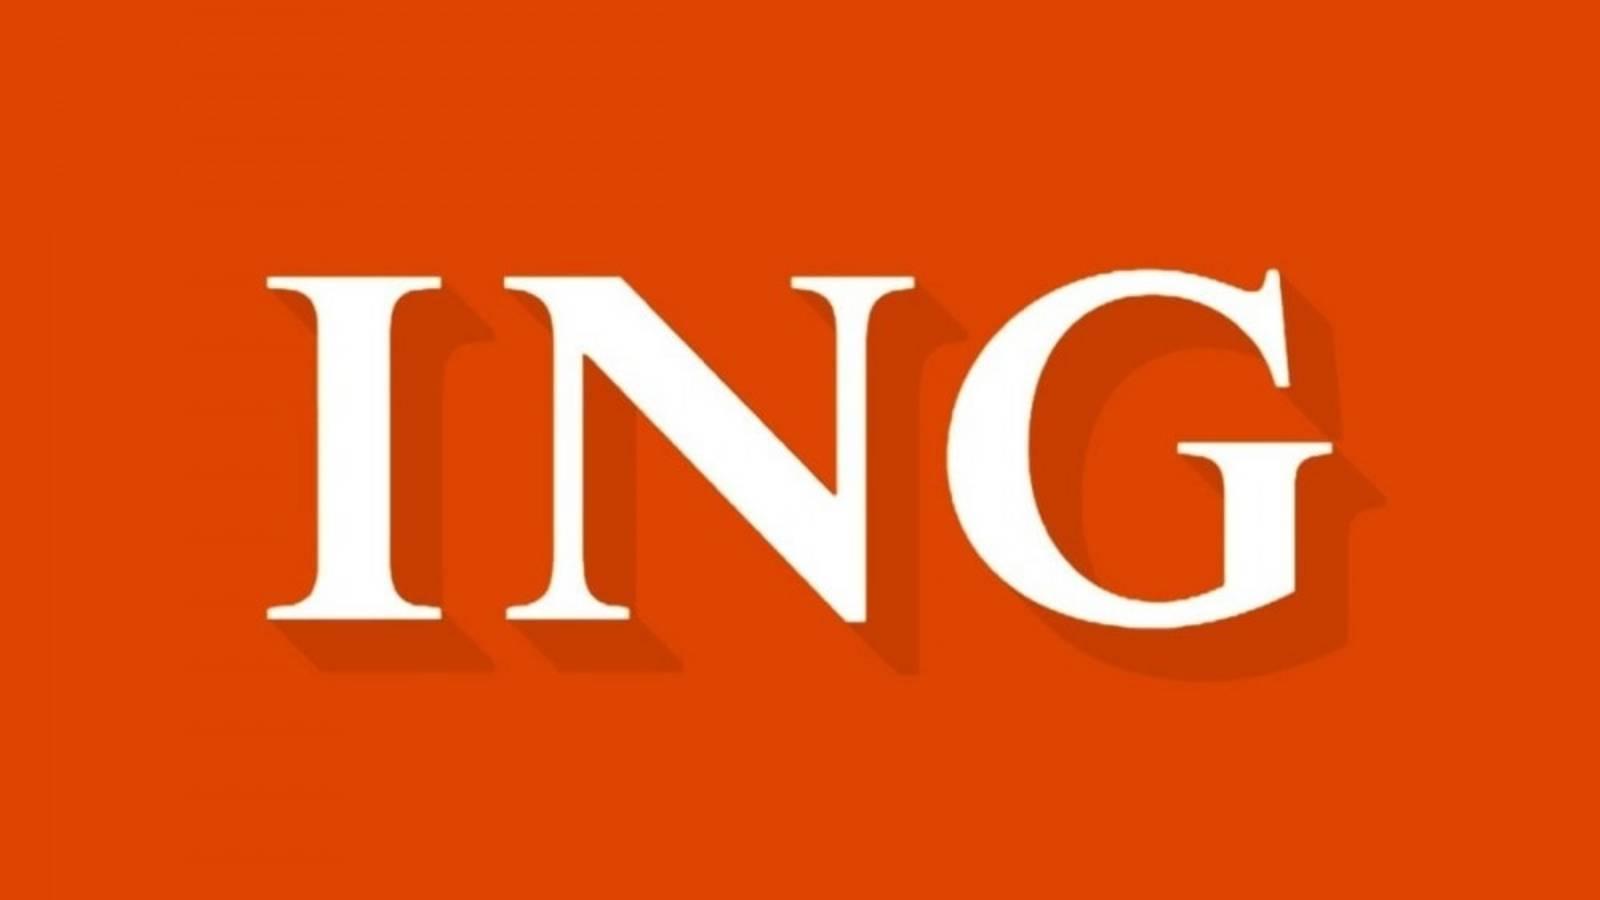 ING Bank adaptare